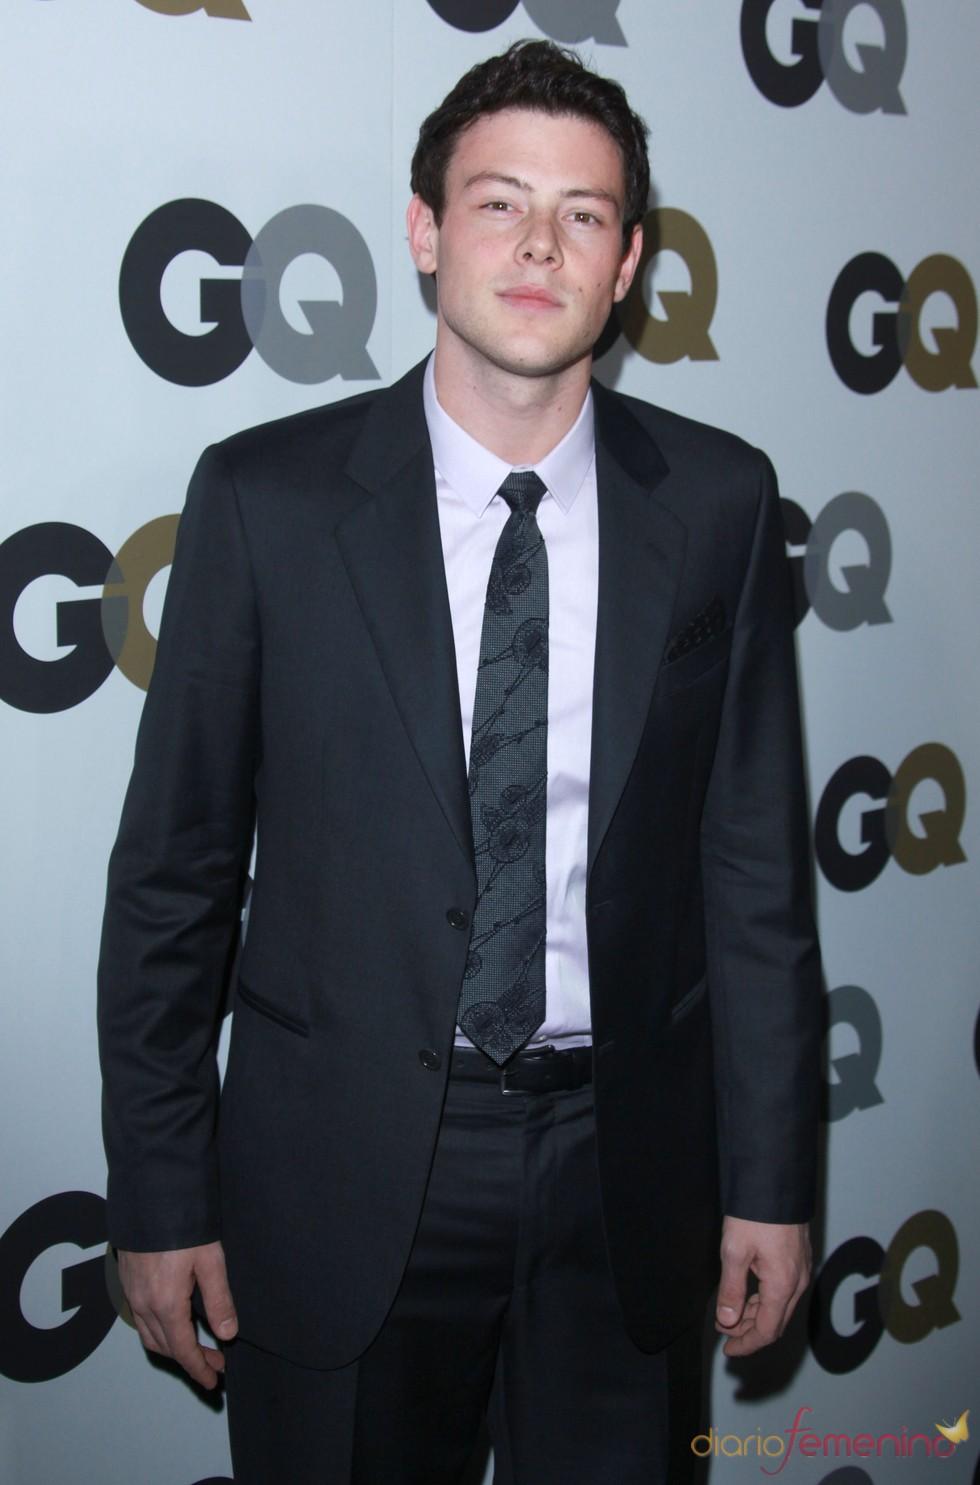 Cory Monteith en la Fiesta GQ 2010